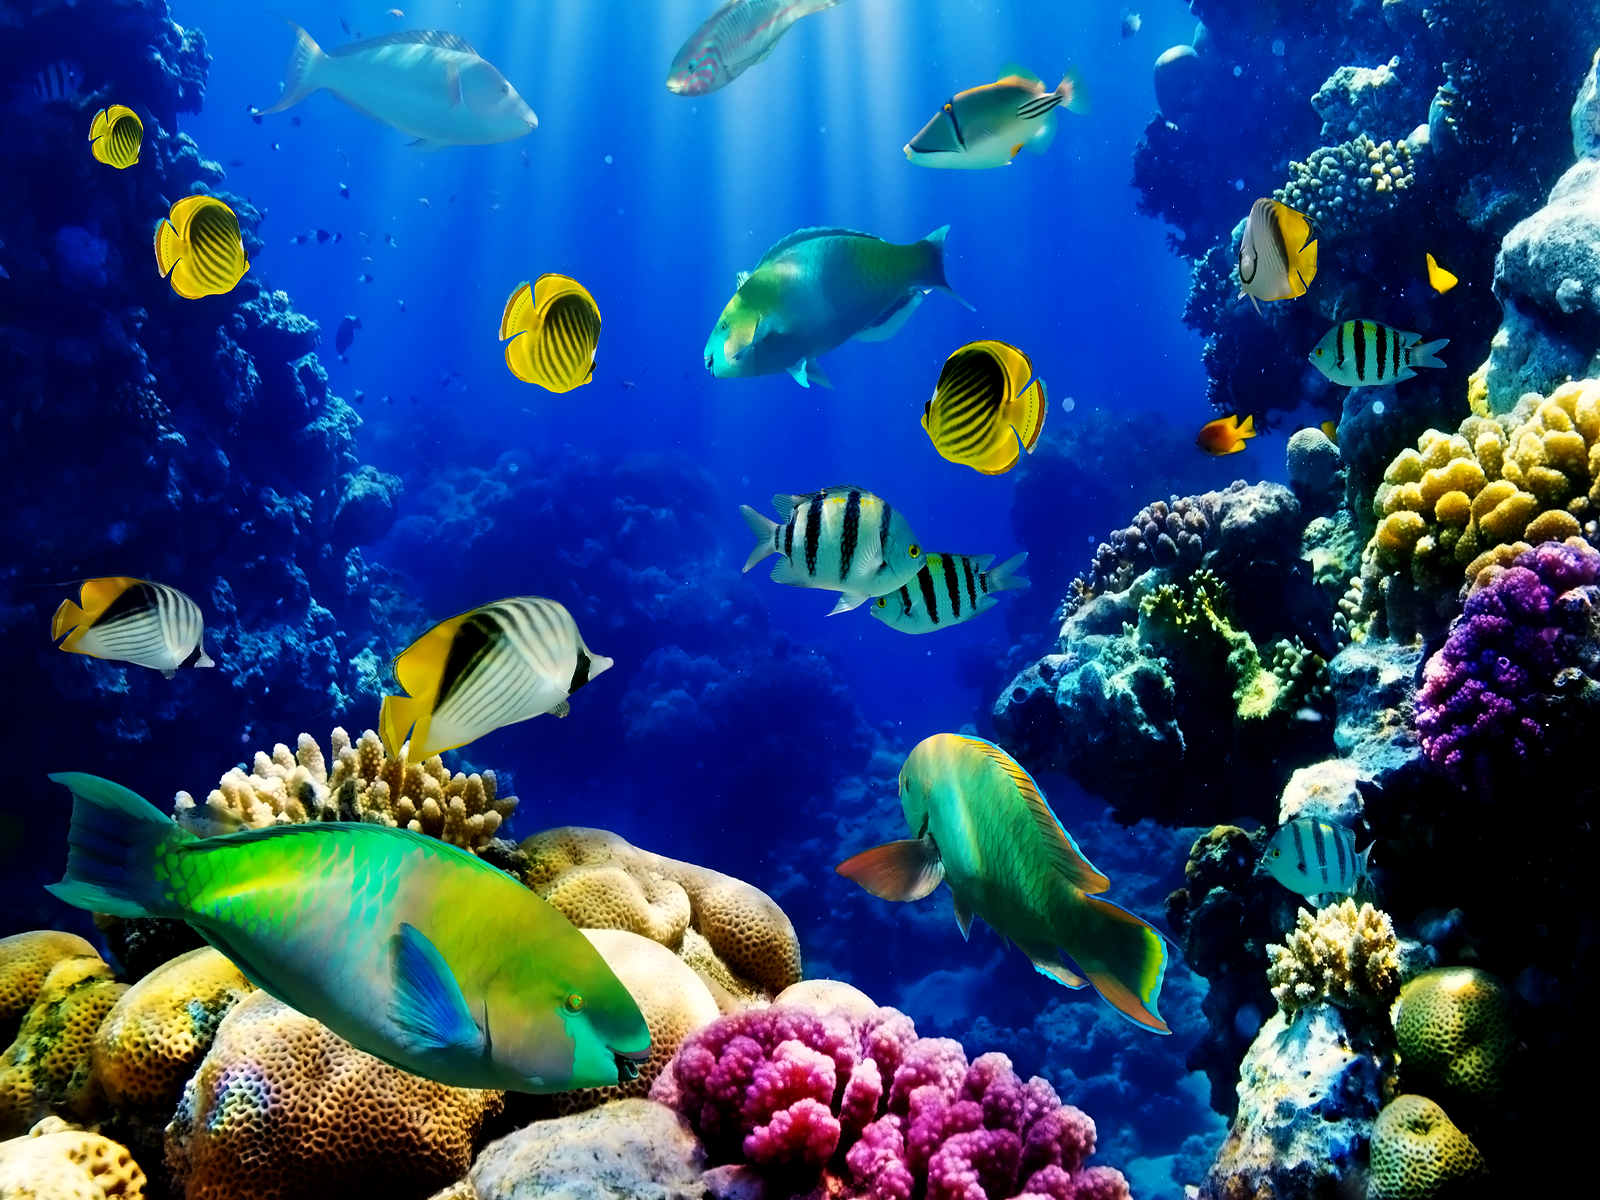 Amazingly Beautiful D Aquarium Live Wallpaper Wallpaper